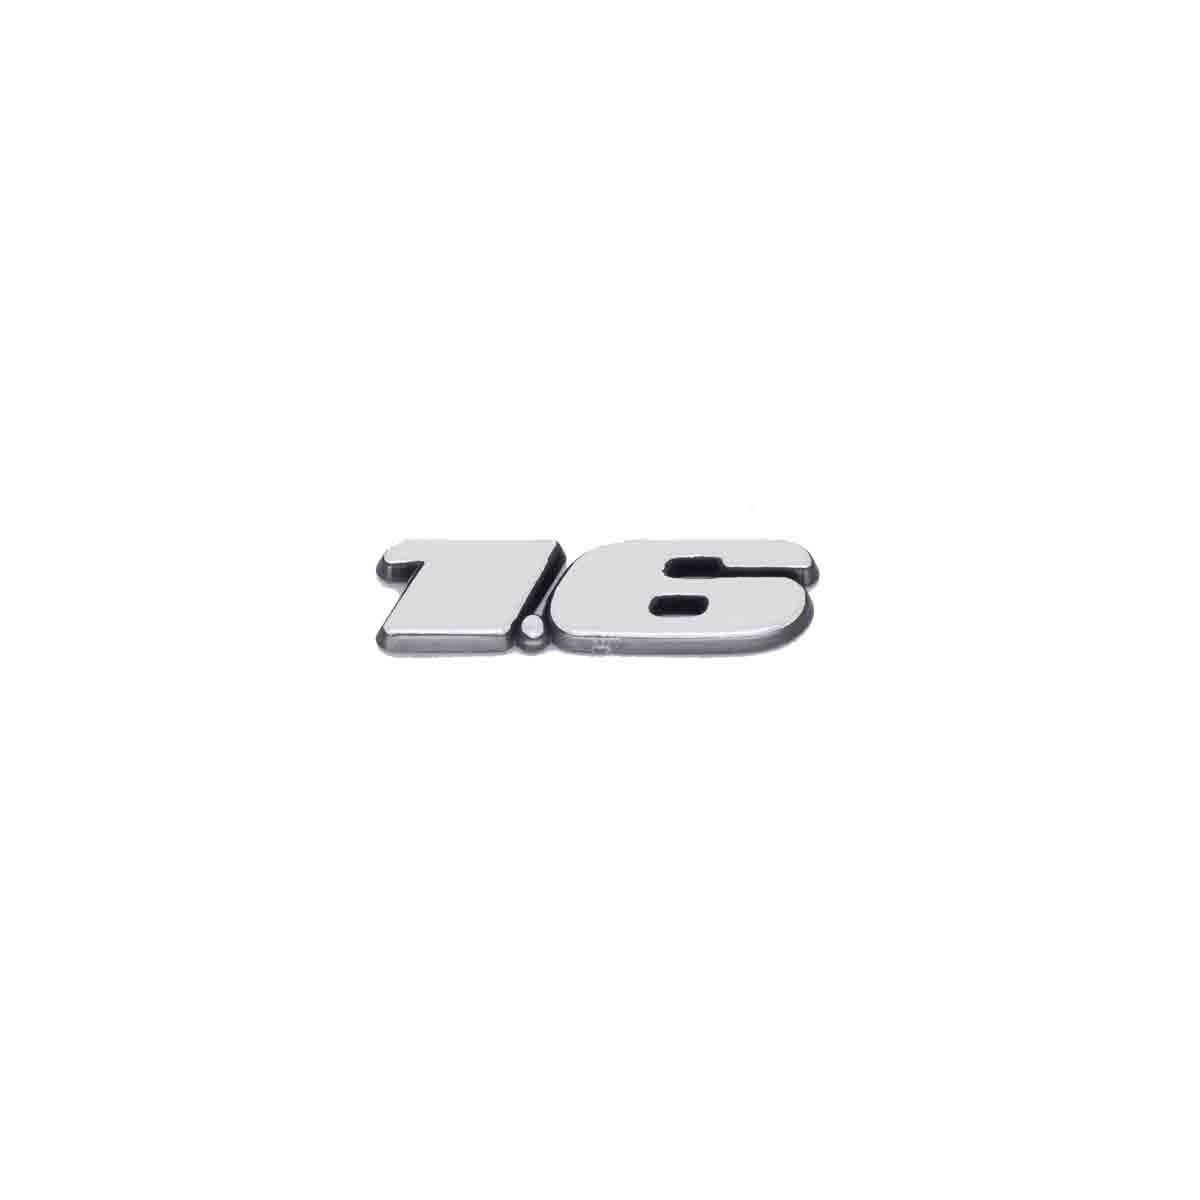 Emblema 1.6 Gol / Voyage / Parati / Saveiro / Todos 97/99 Escovado